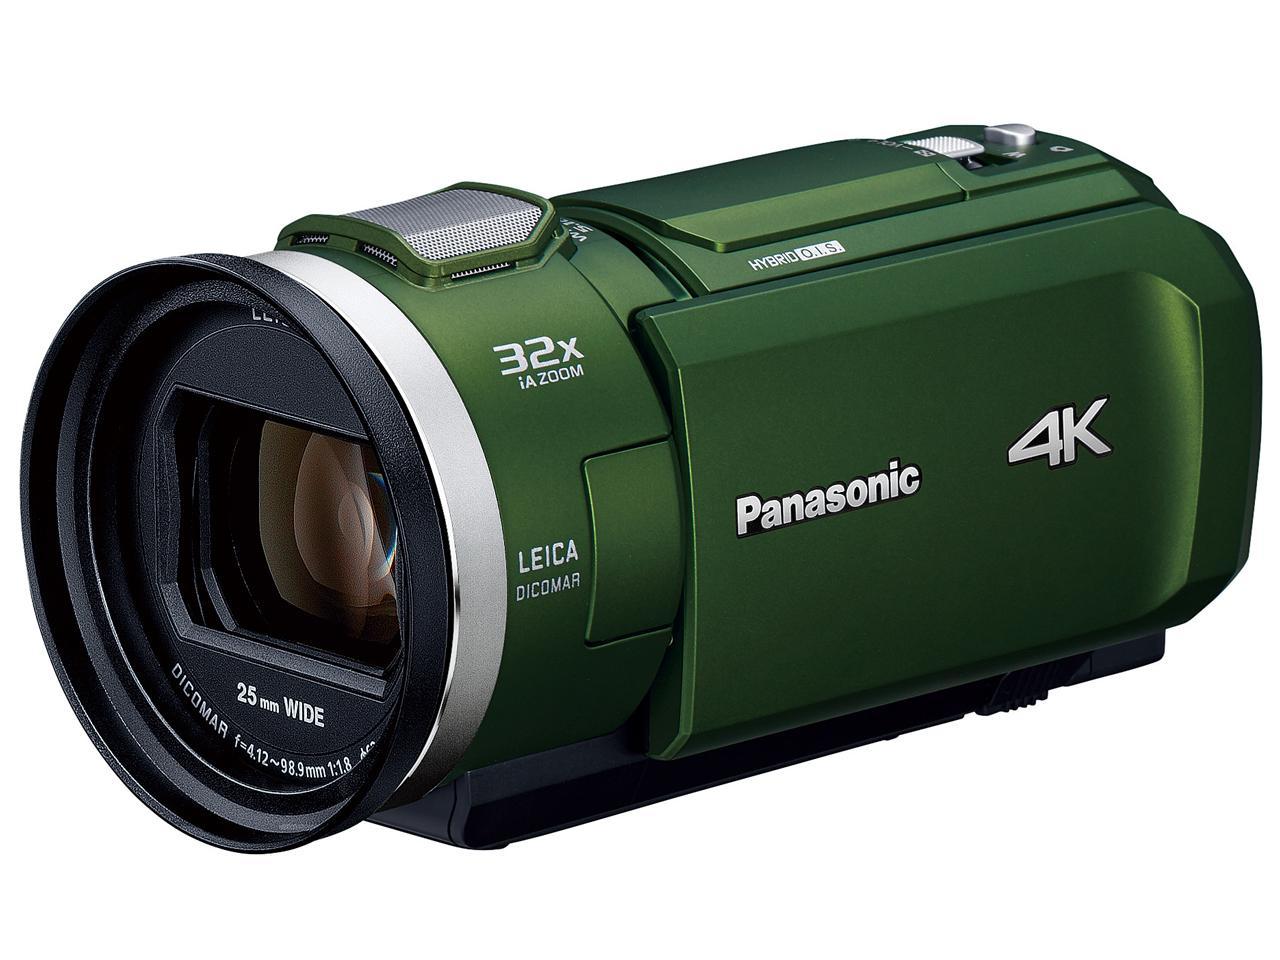 【送料無料】 パナソニック(Panasonic) パナソニック HC-VX2M-G デジタル4Kビデオカメラ 64GB内蔵メモリー フォレストカーキ(HC-VX2M)【smtb-s】